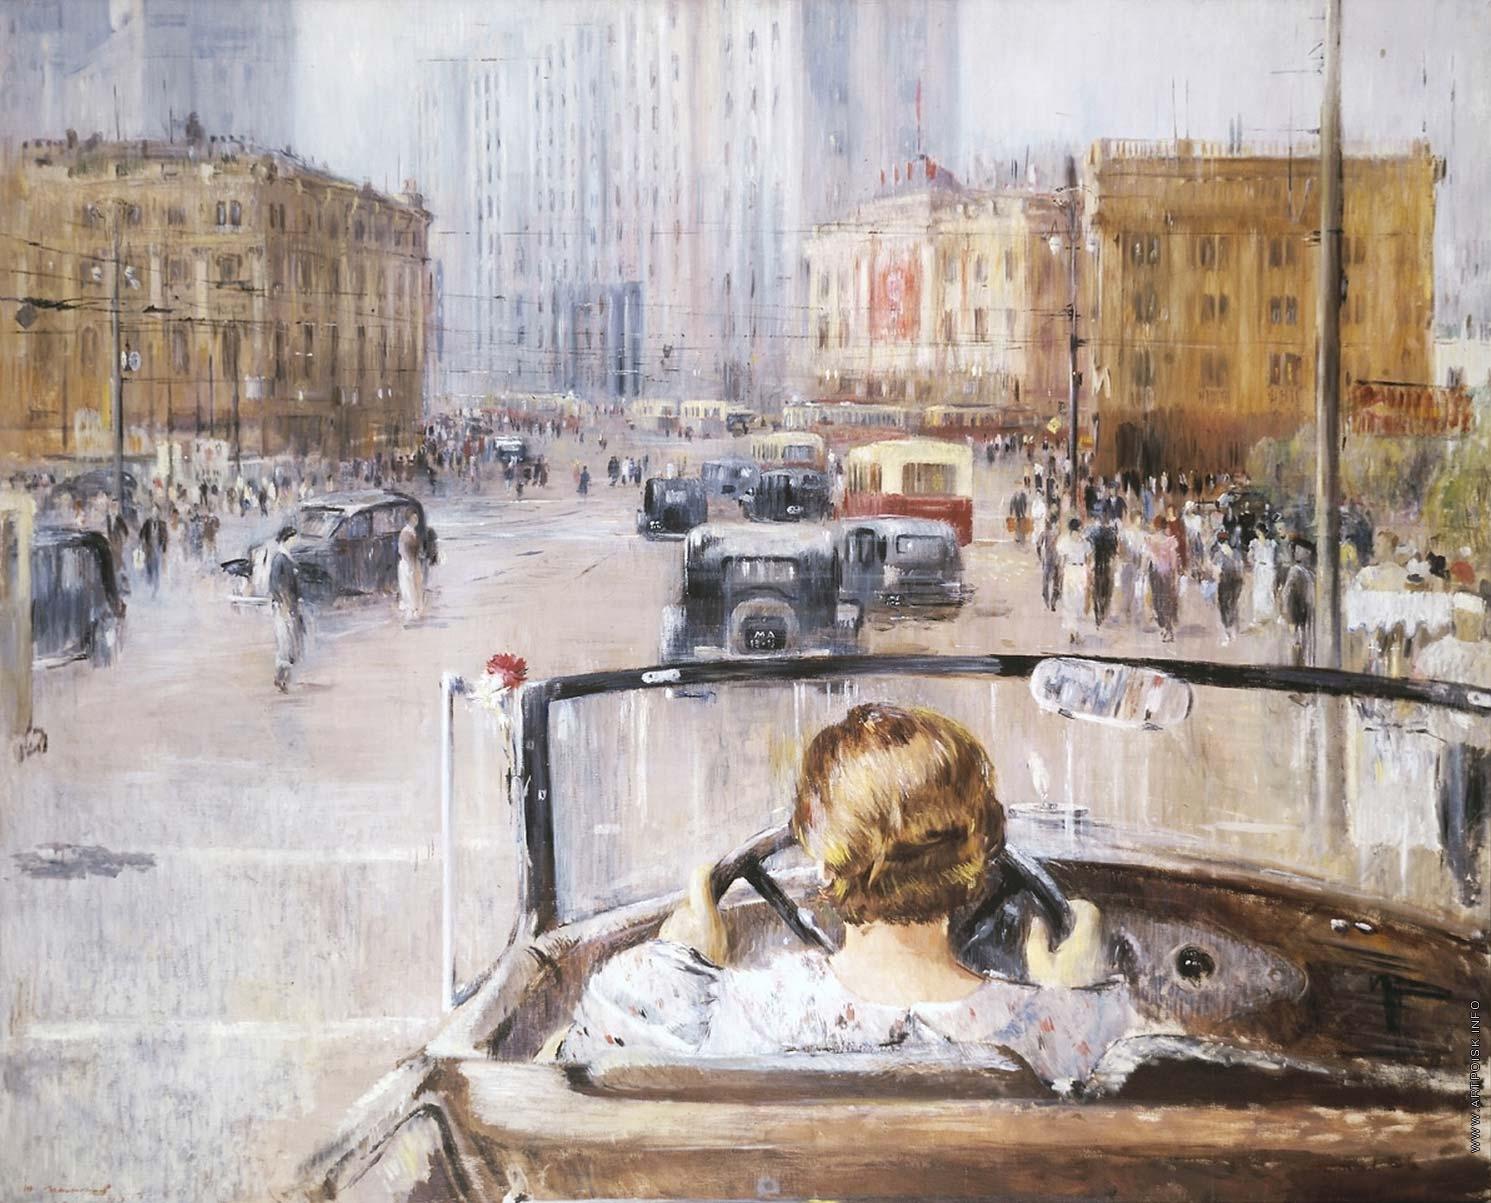 この絵画はモスクワの一連の作品を構成している一作品で、ユーリー・ピメノフが1930年代半ばに着手したものだ。自動車を運転する女性の姿は、当時はかなりめずらしい光景だった。この絵は、新しい時代の生活そして新しいモスクワの象徴として画家の同時代の人々が目にした様子をとらえている。/ 『新たなモスクワ』、ユーリー・ピメノフ、1937年